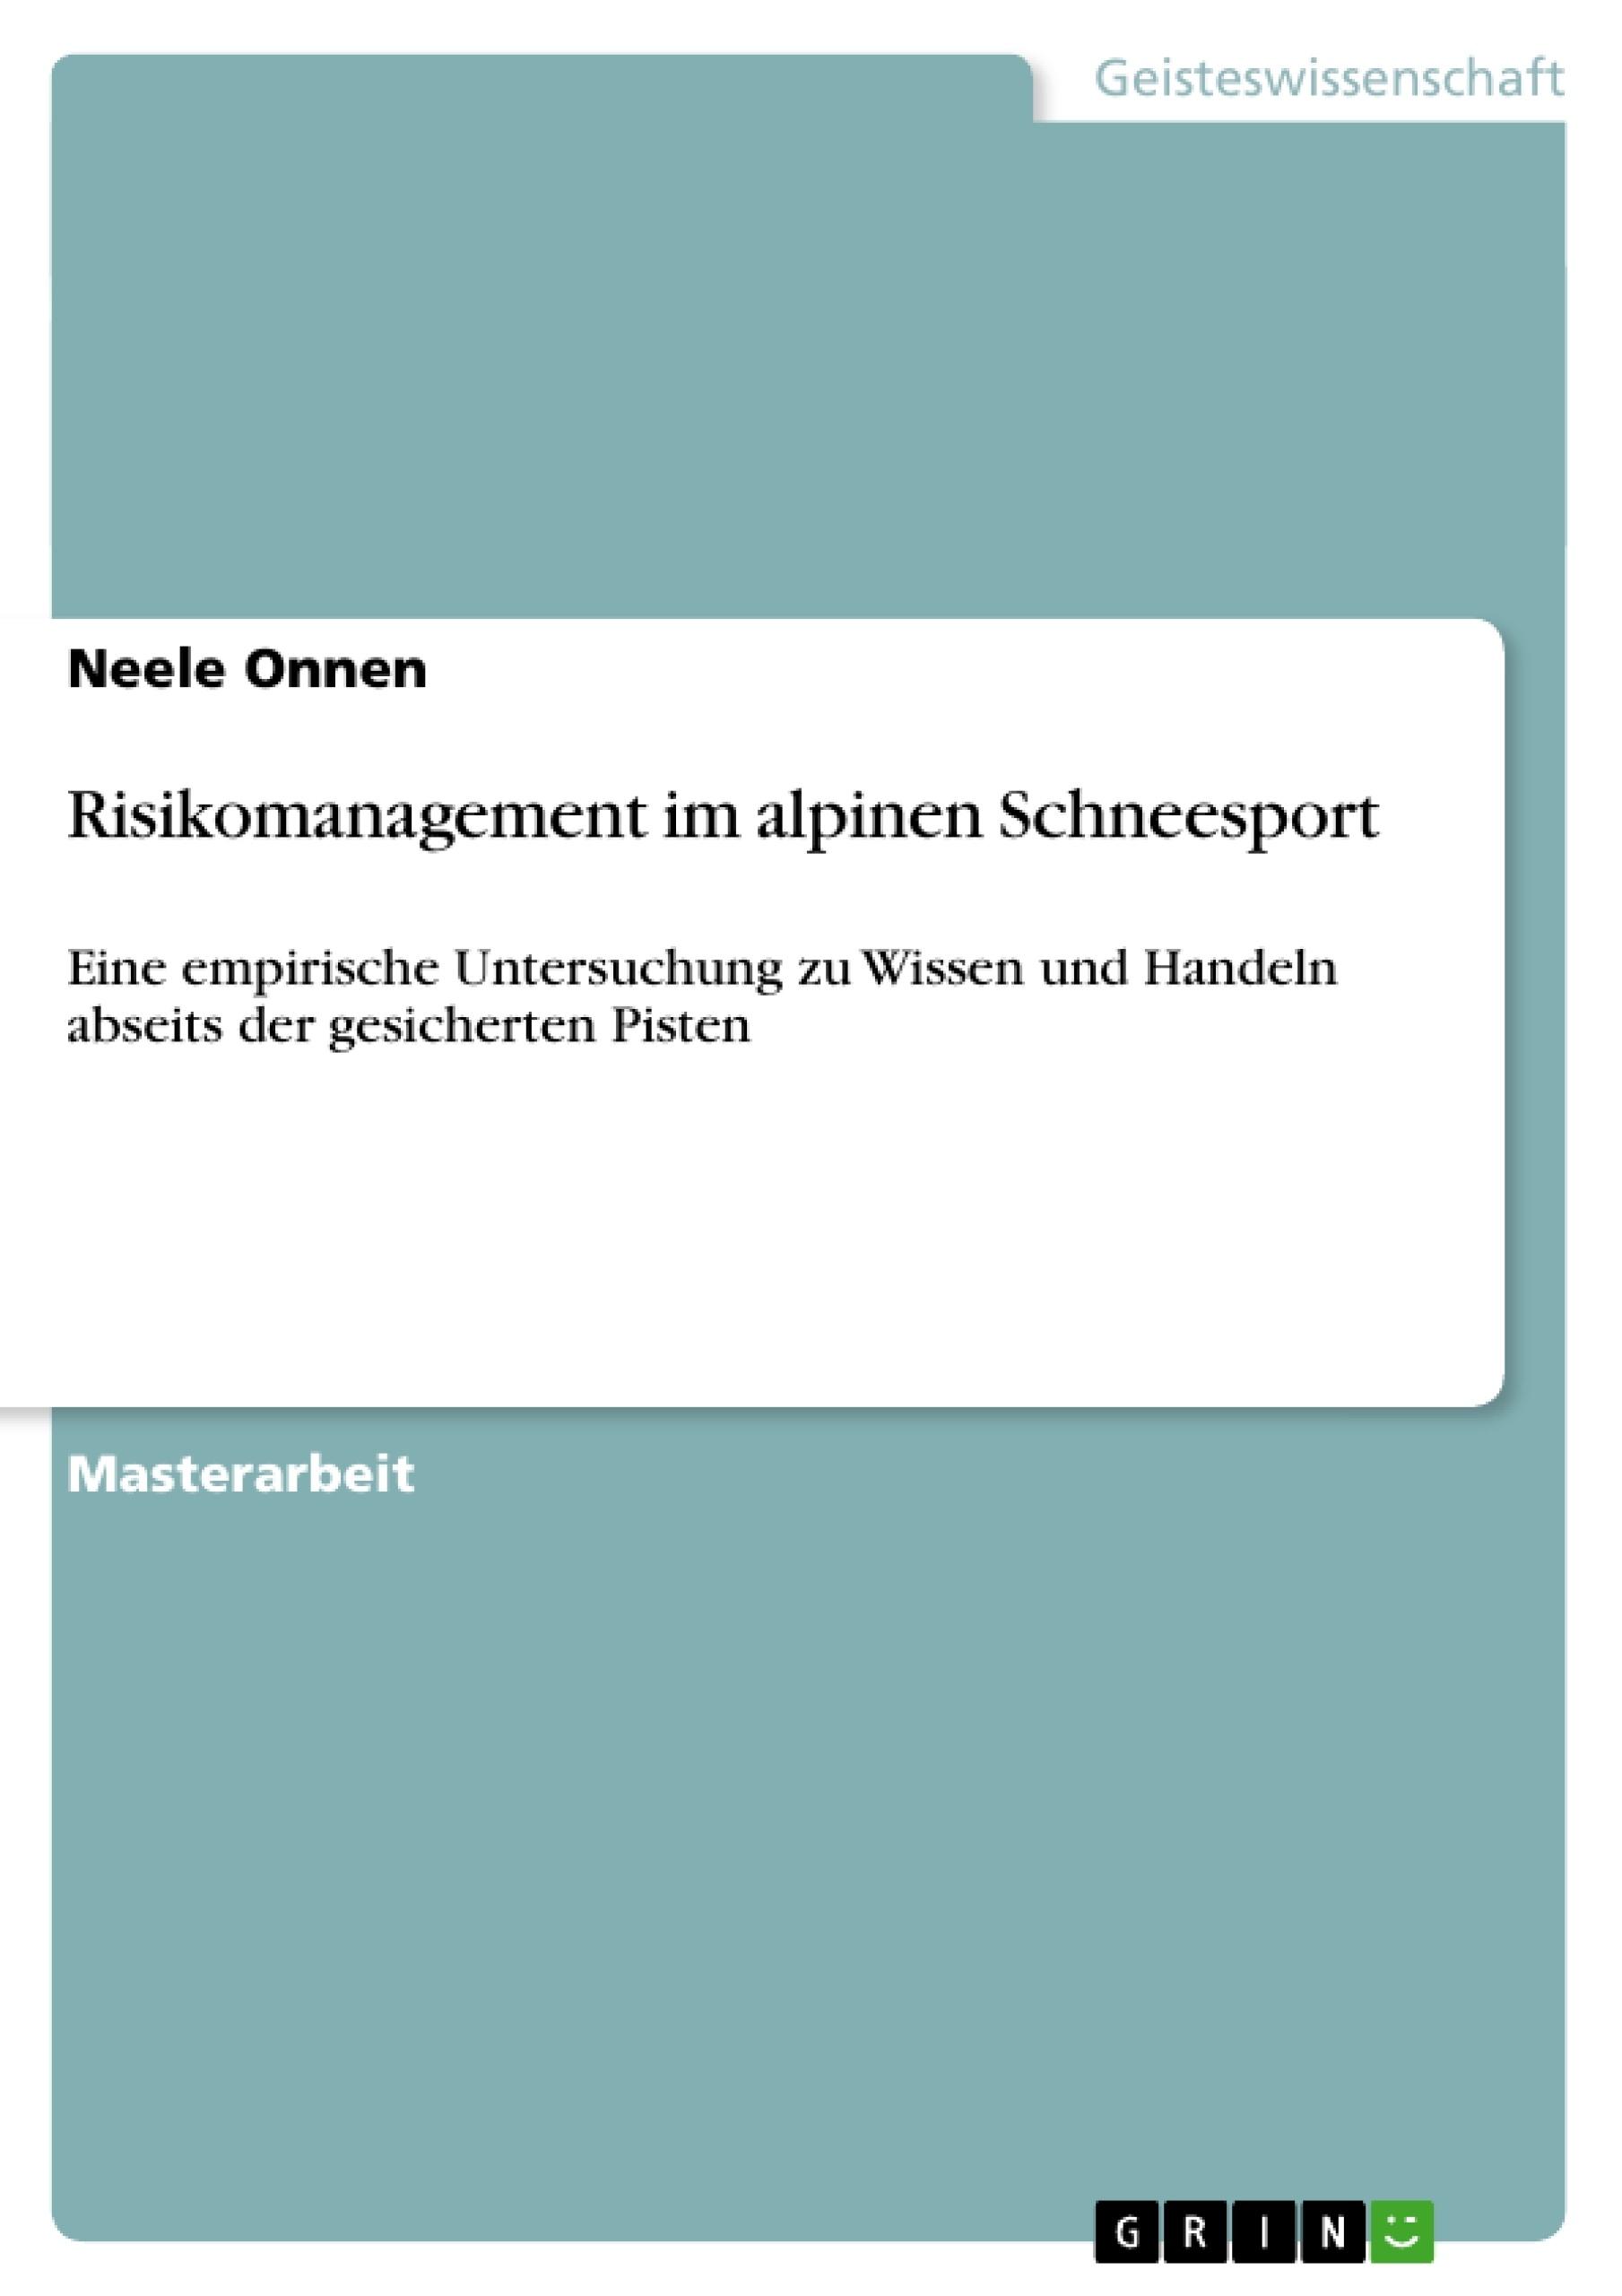 Titel: Risikomanagement im alpinen Schneesport